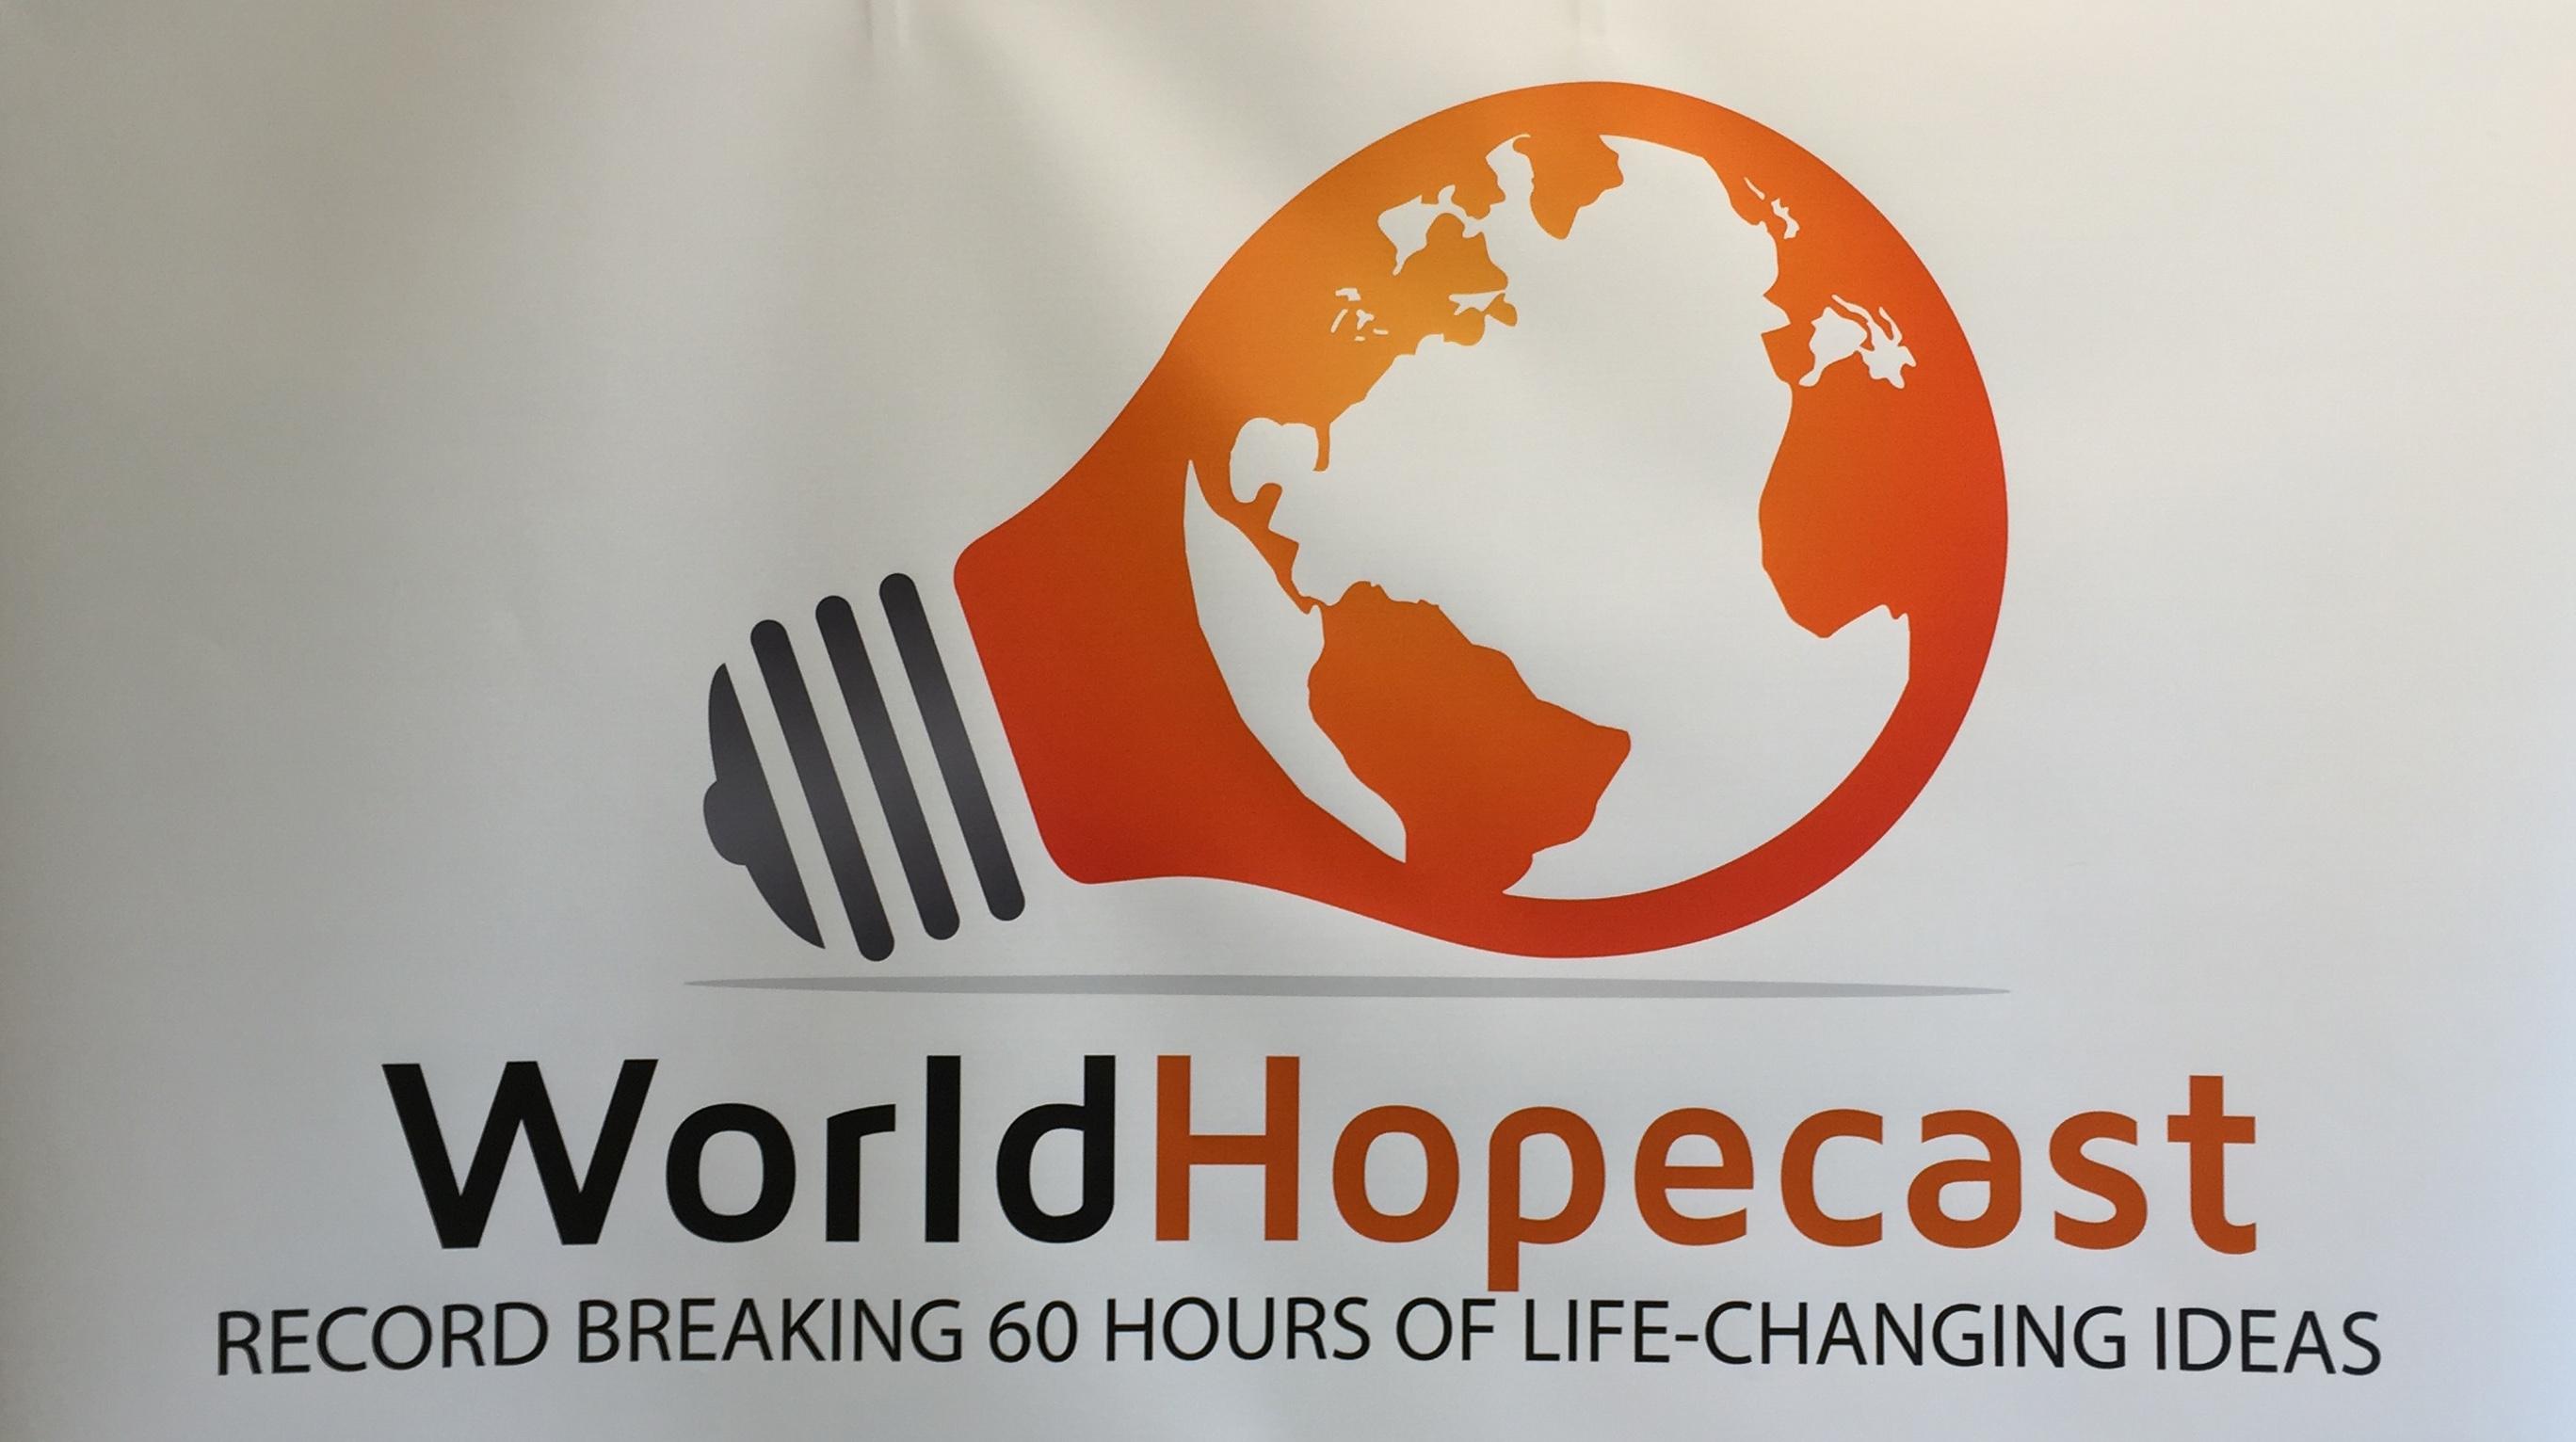 World Hopecast